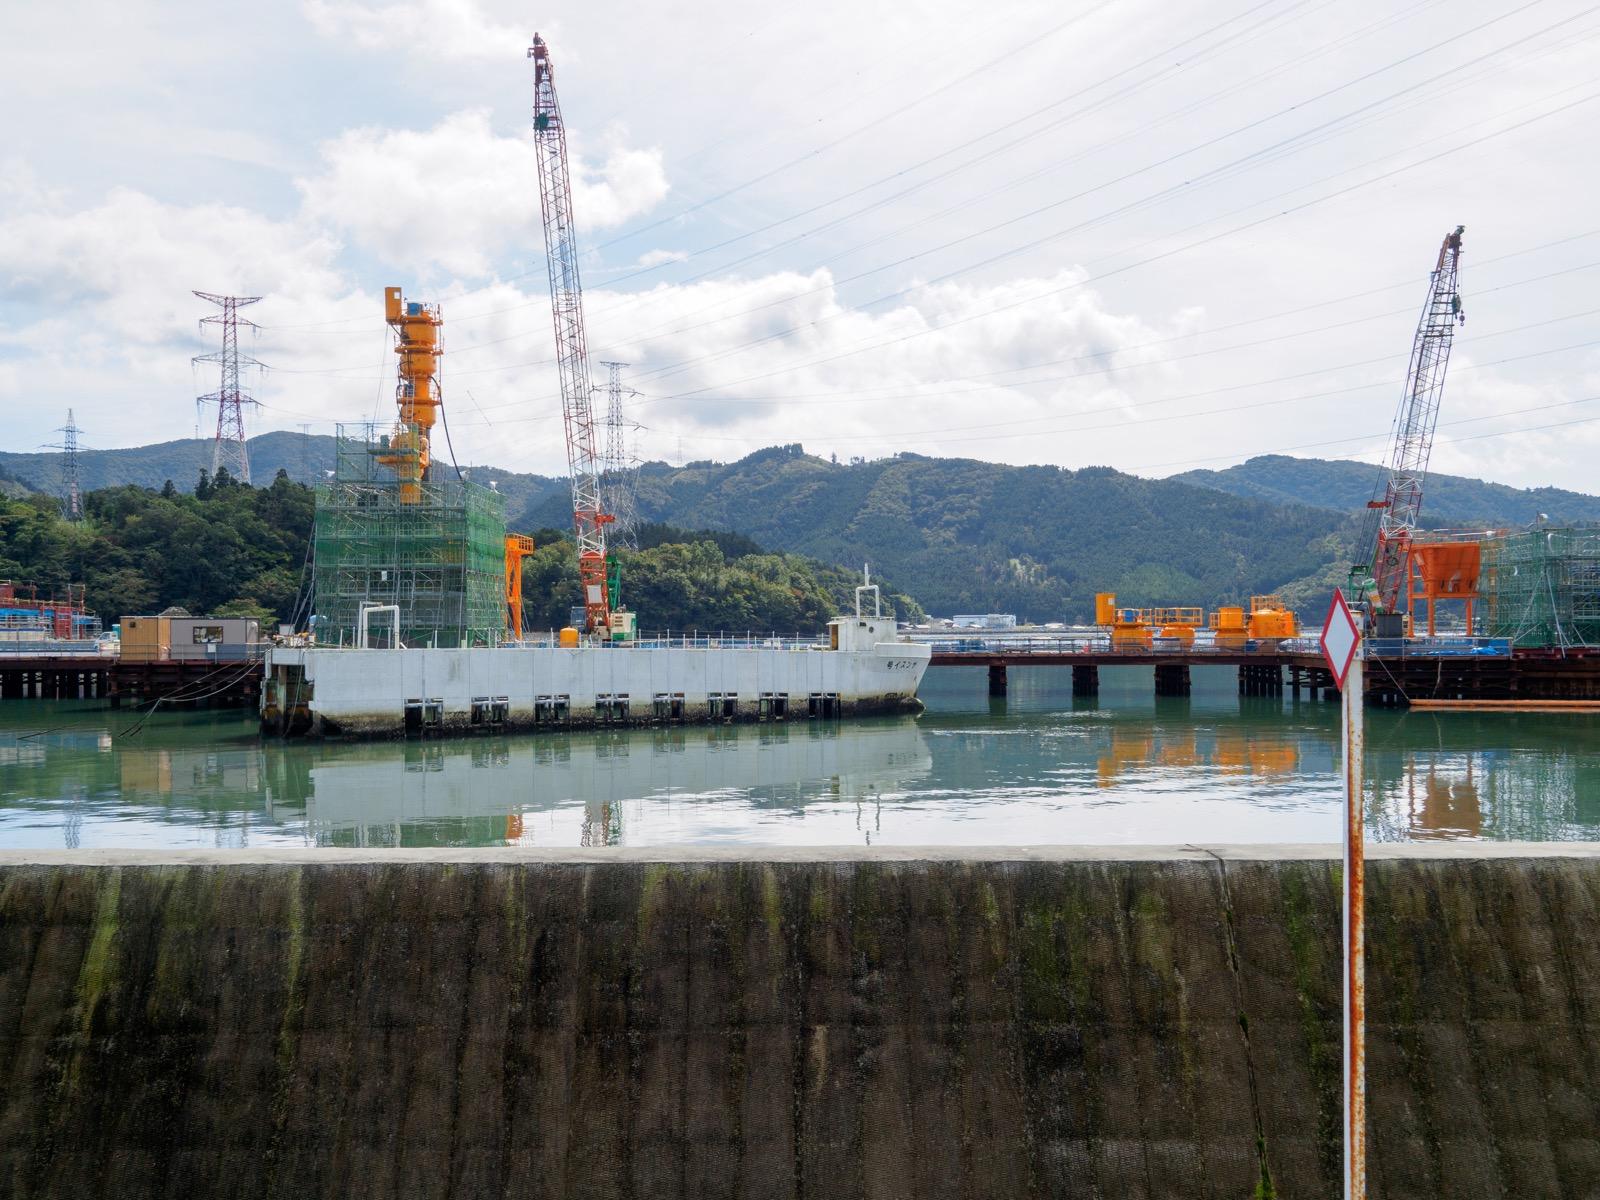 浦宿駅のホームから見える、浦宿橋の工事現場